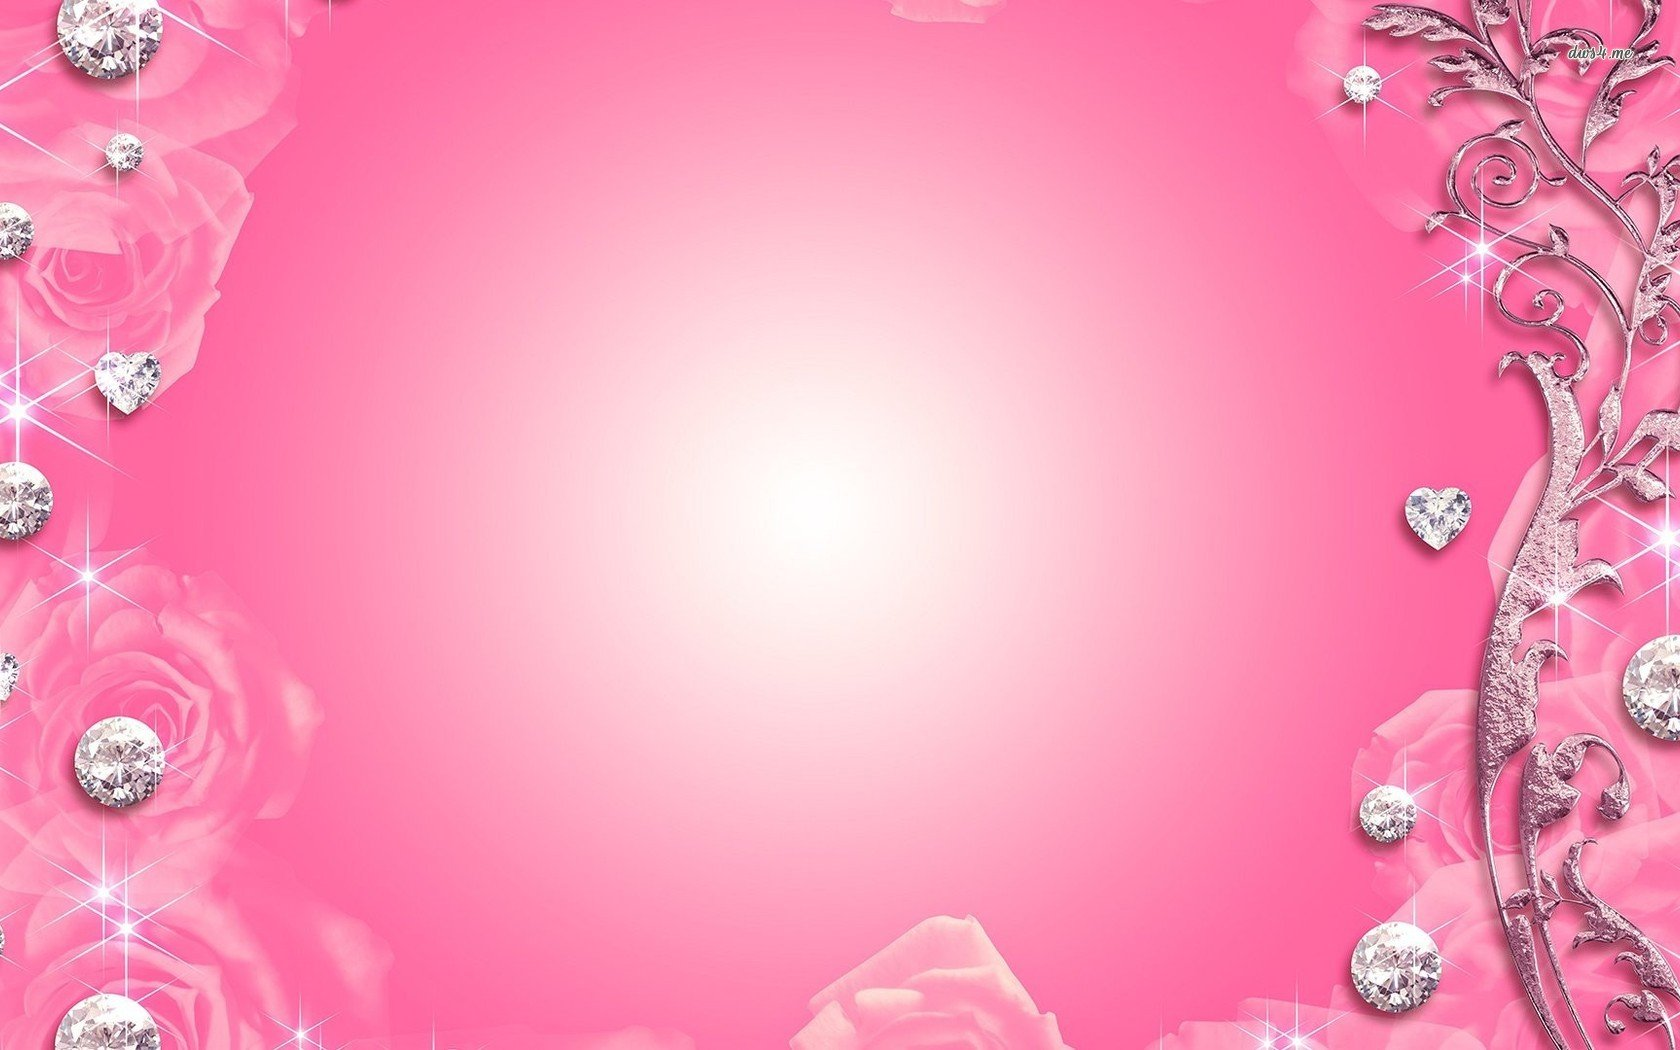 Go Back Pix For Diamond Desktop Wallpaper 1680x1050